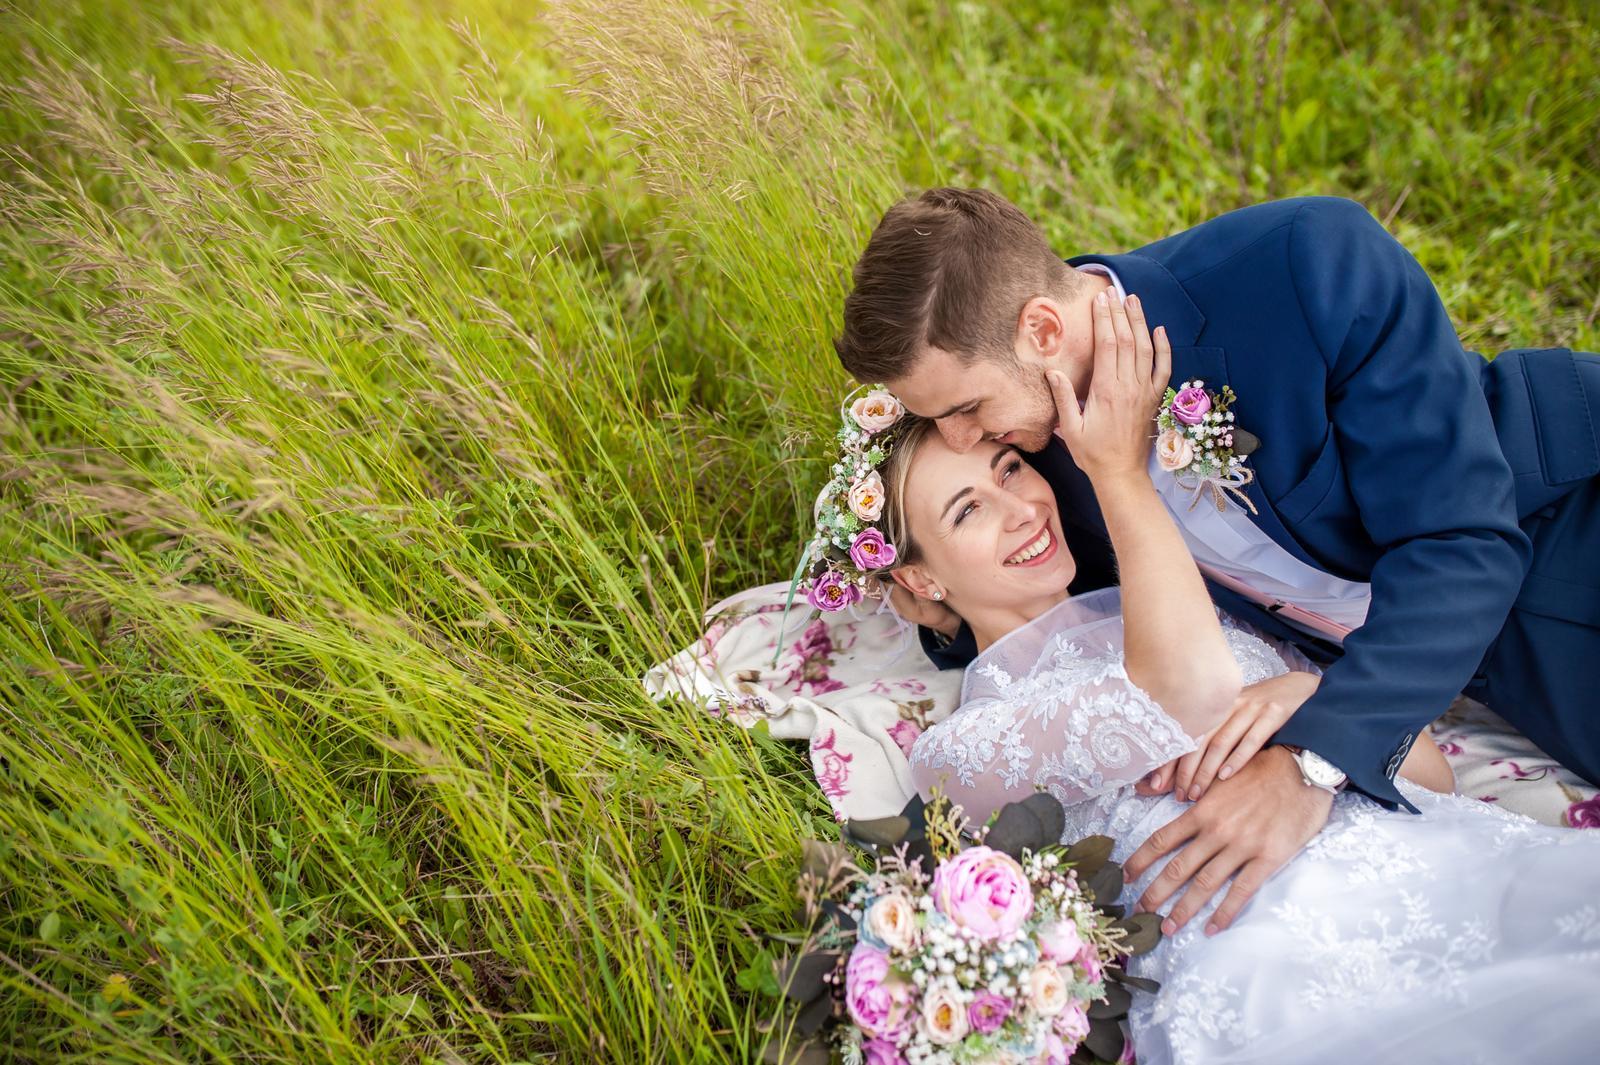 Wedding ♥ - Obrázek č. 43